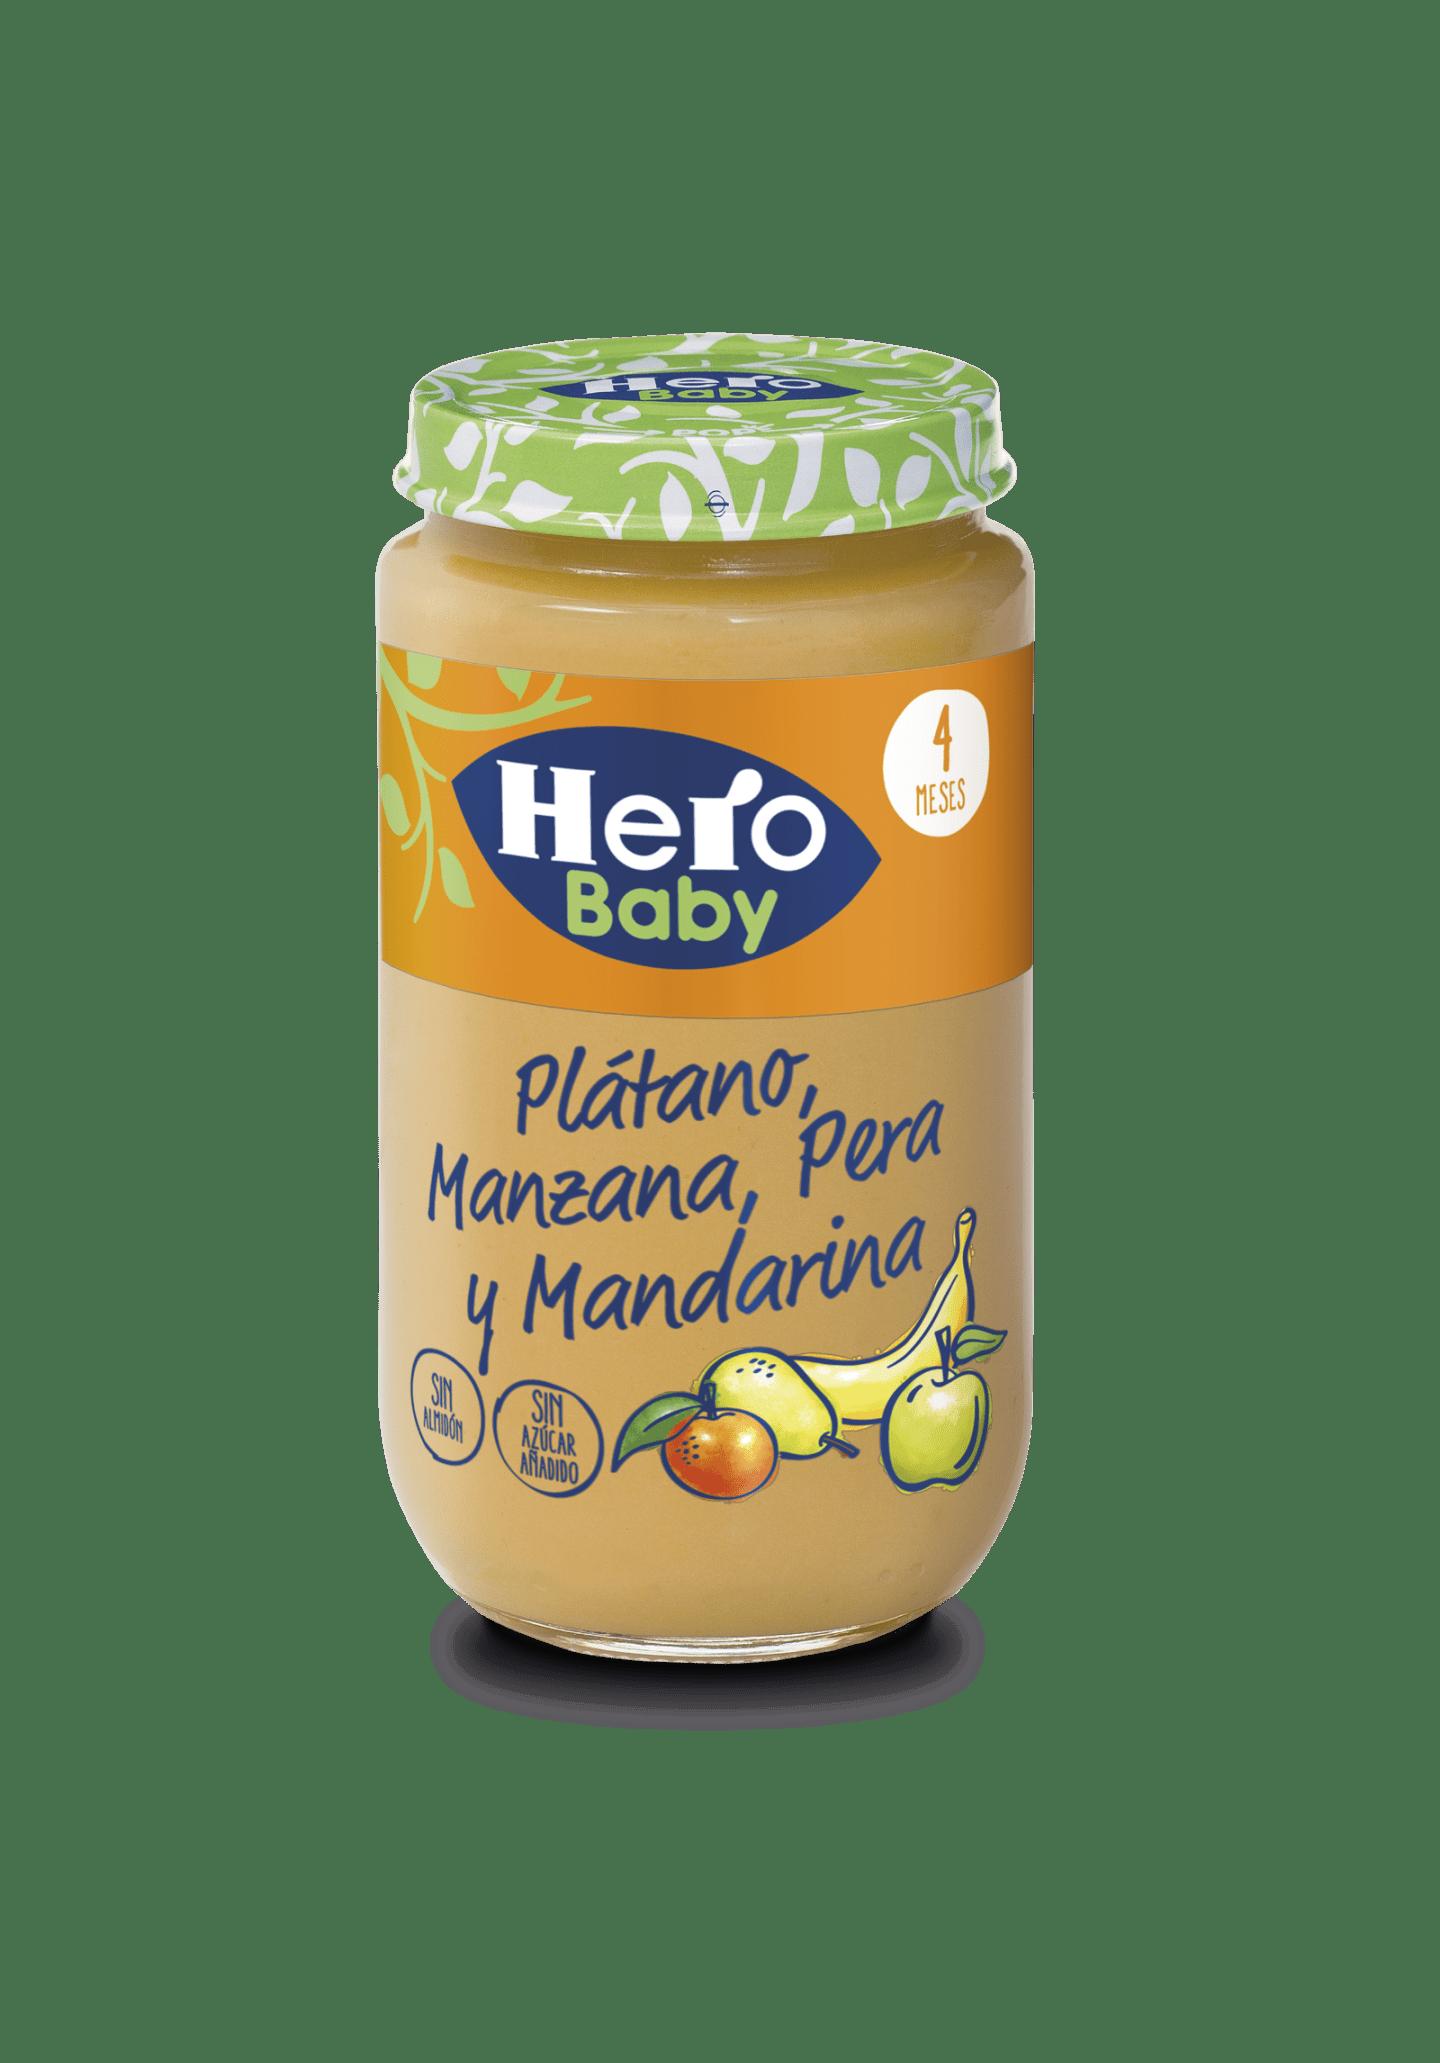 Tarrito Plátano Manzana Pera Mandarina